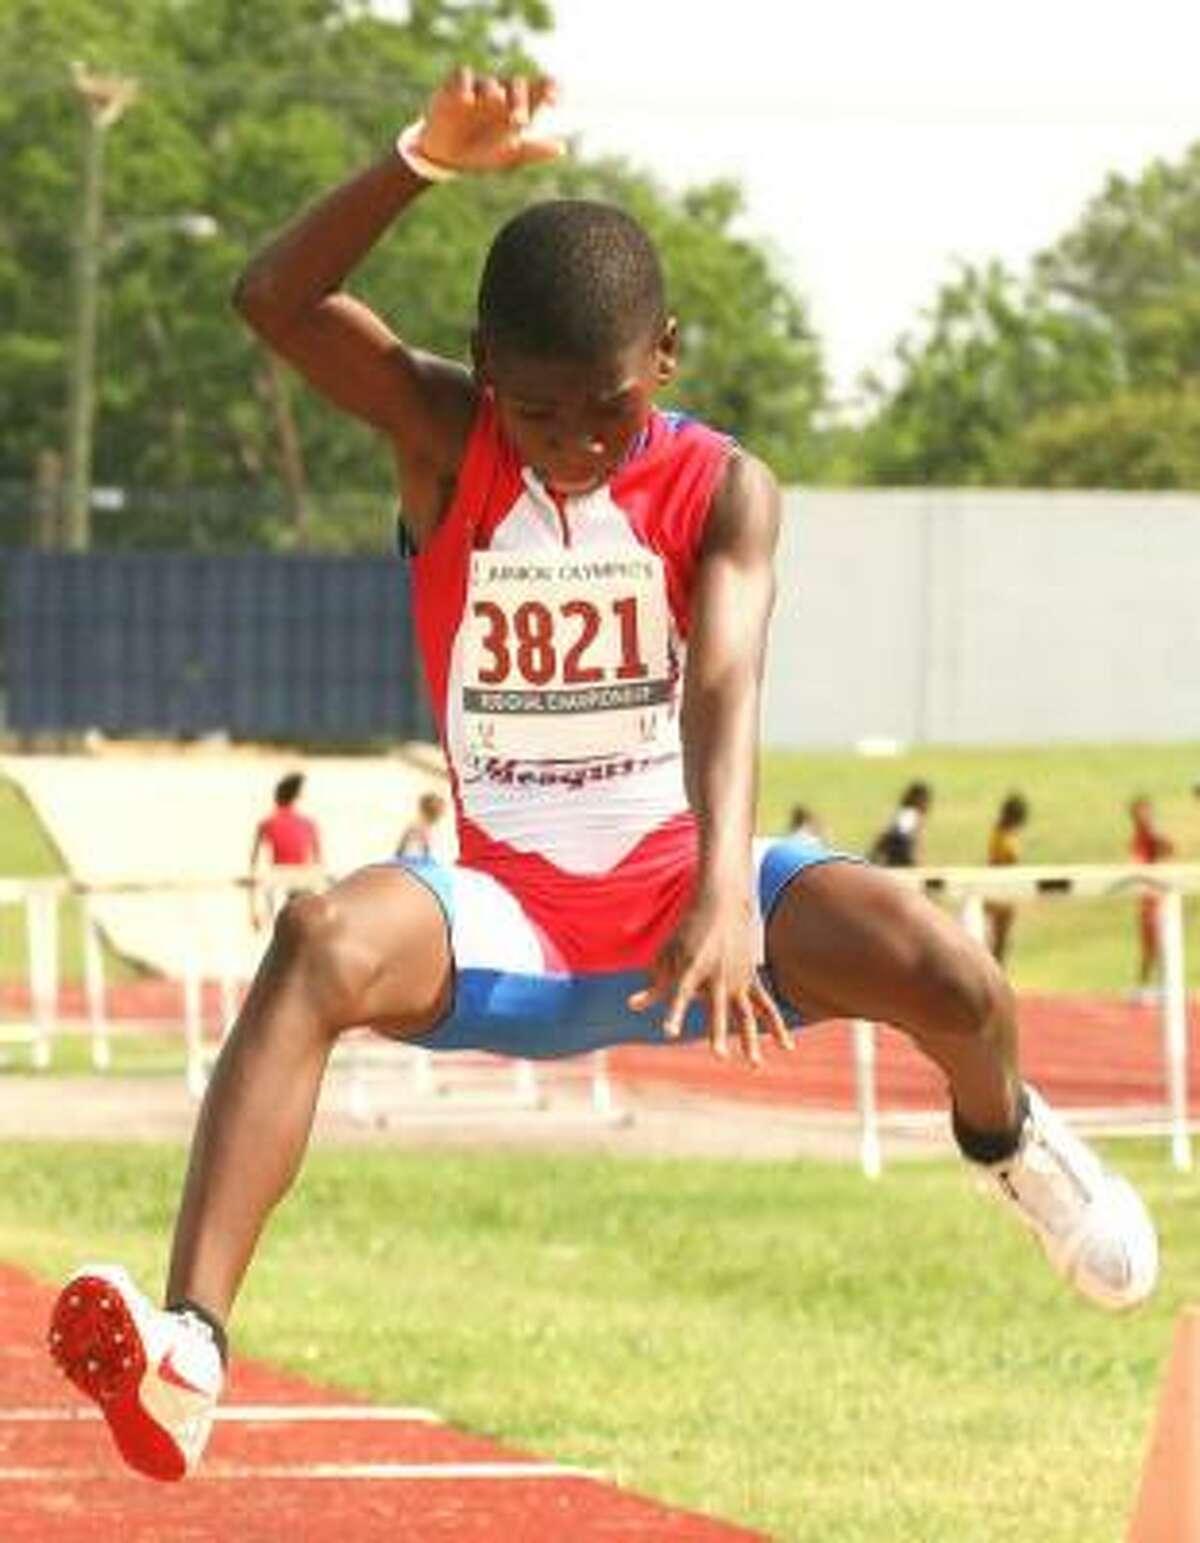 Korbin Skinner of Elite of Mesquite in the long jump.